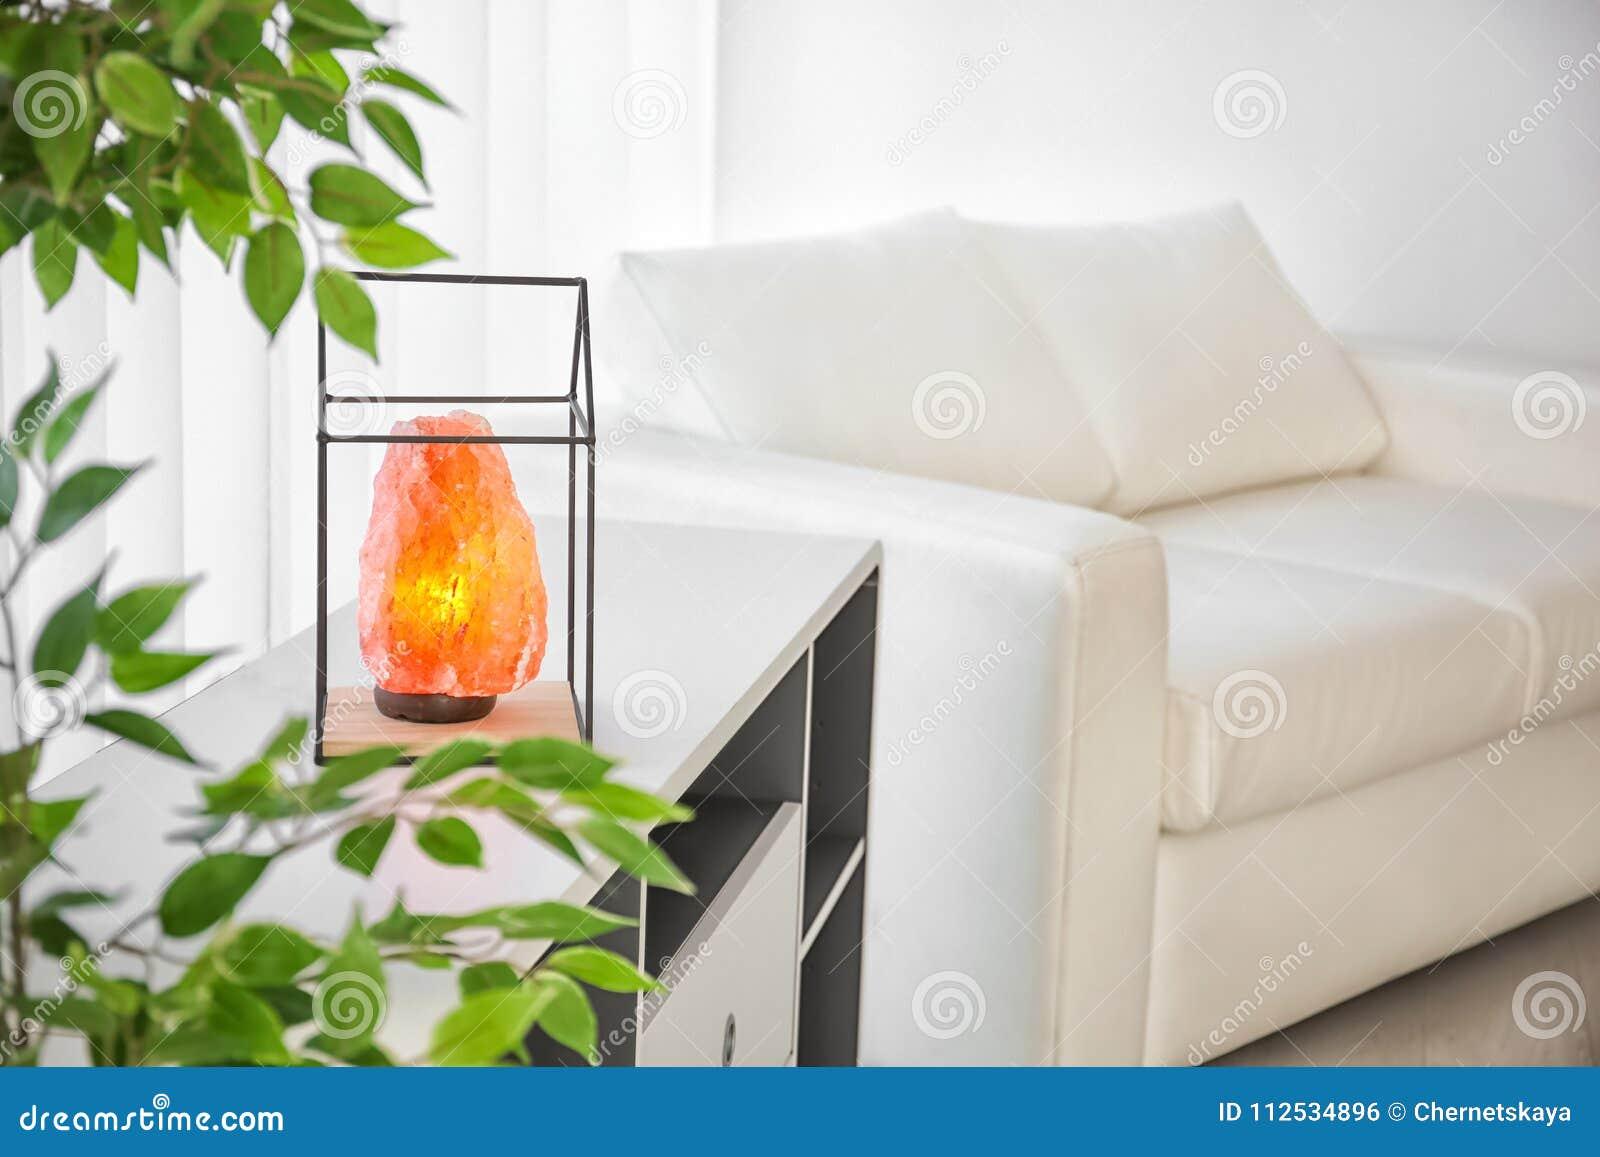 Himalayan salt lampa på att bordlägga enheten